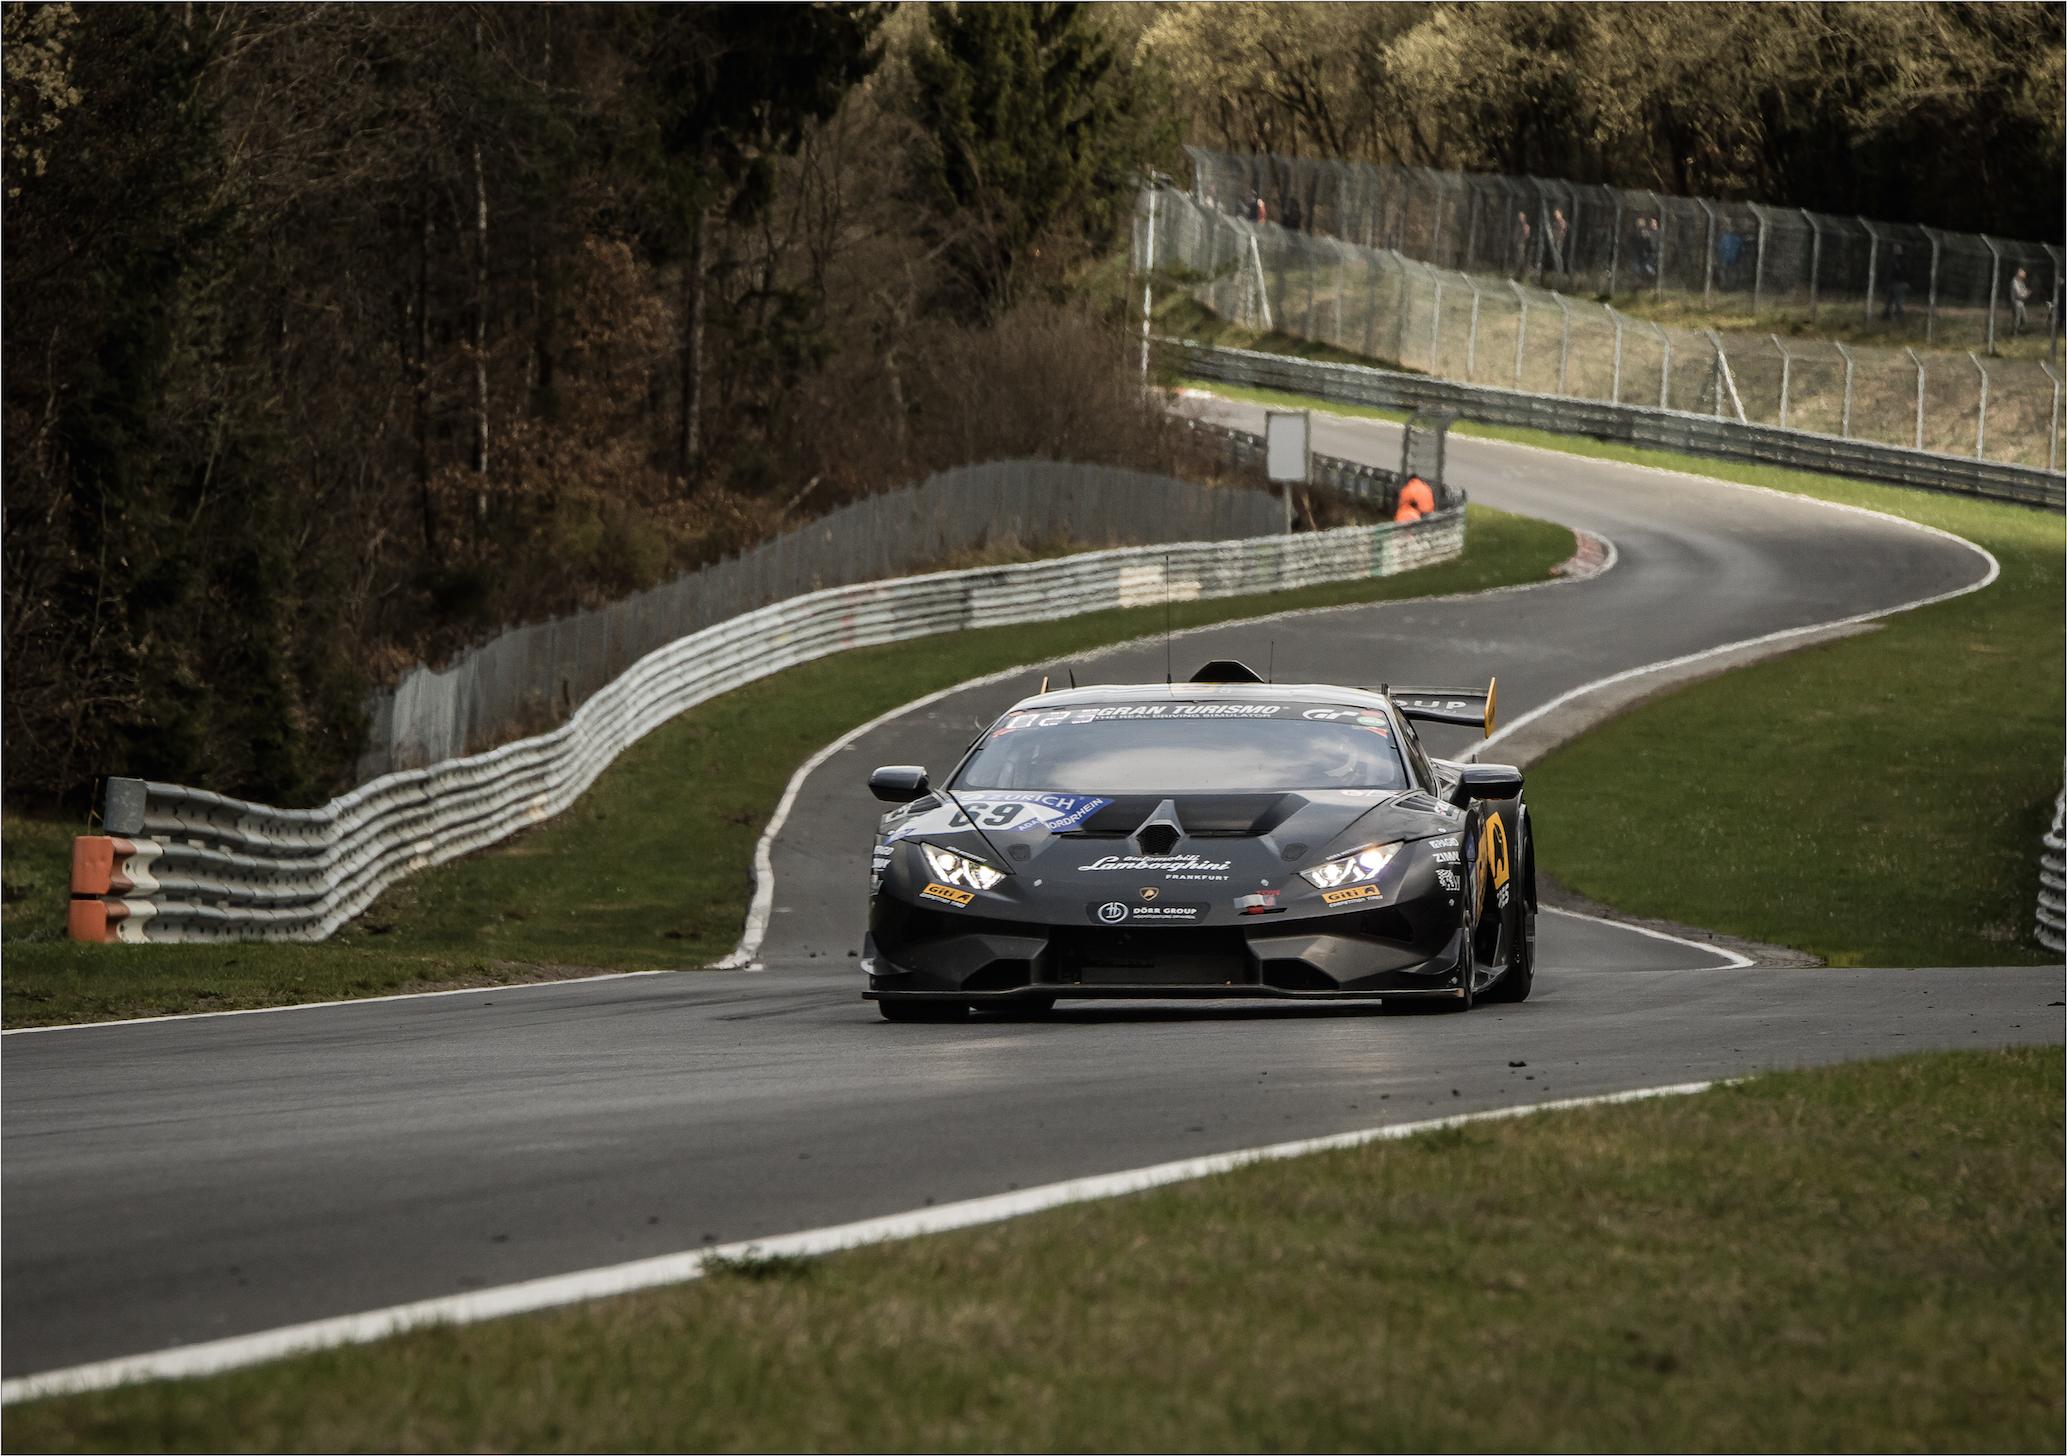 Een mooie klassezege voor Nico Verdonck als voorbereiding op de 24U van de Nürburgring